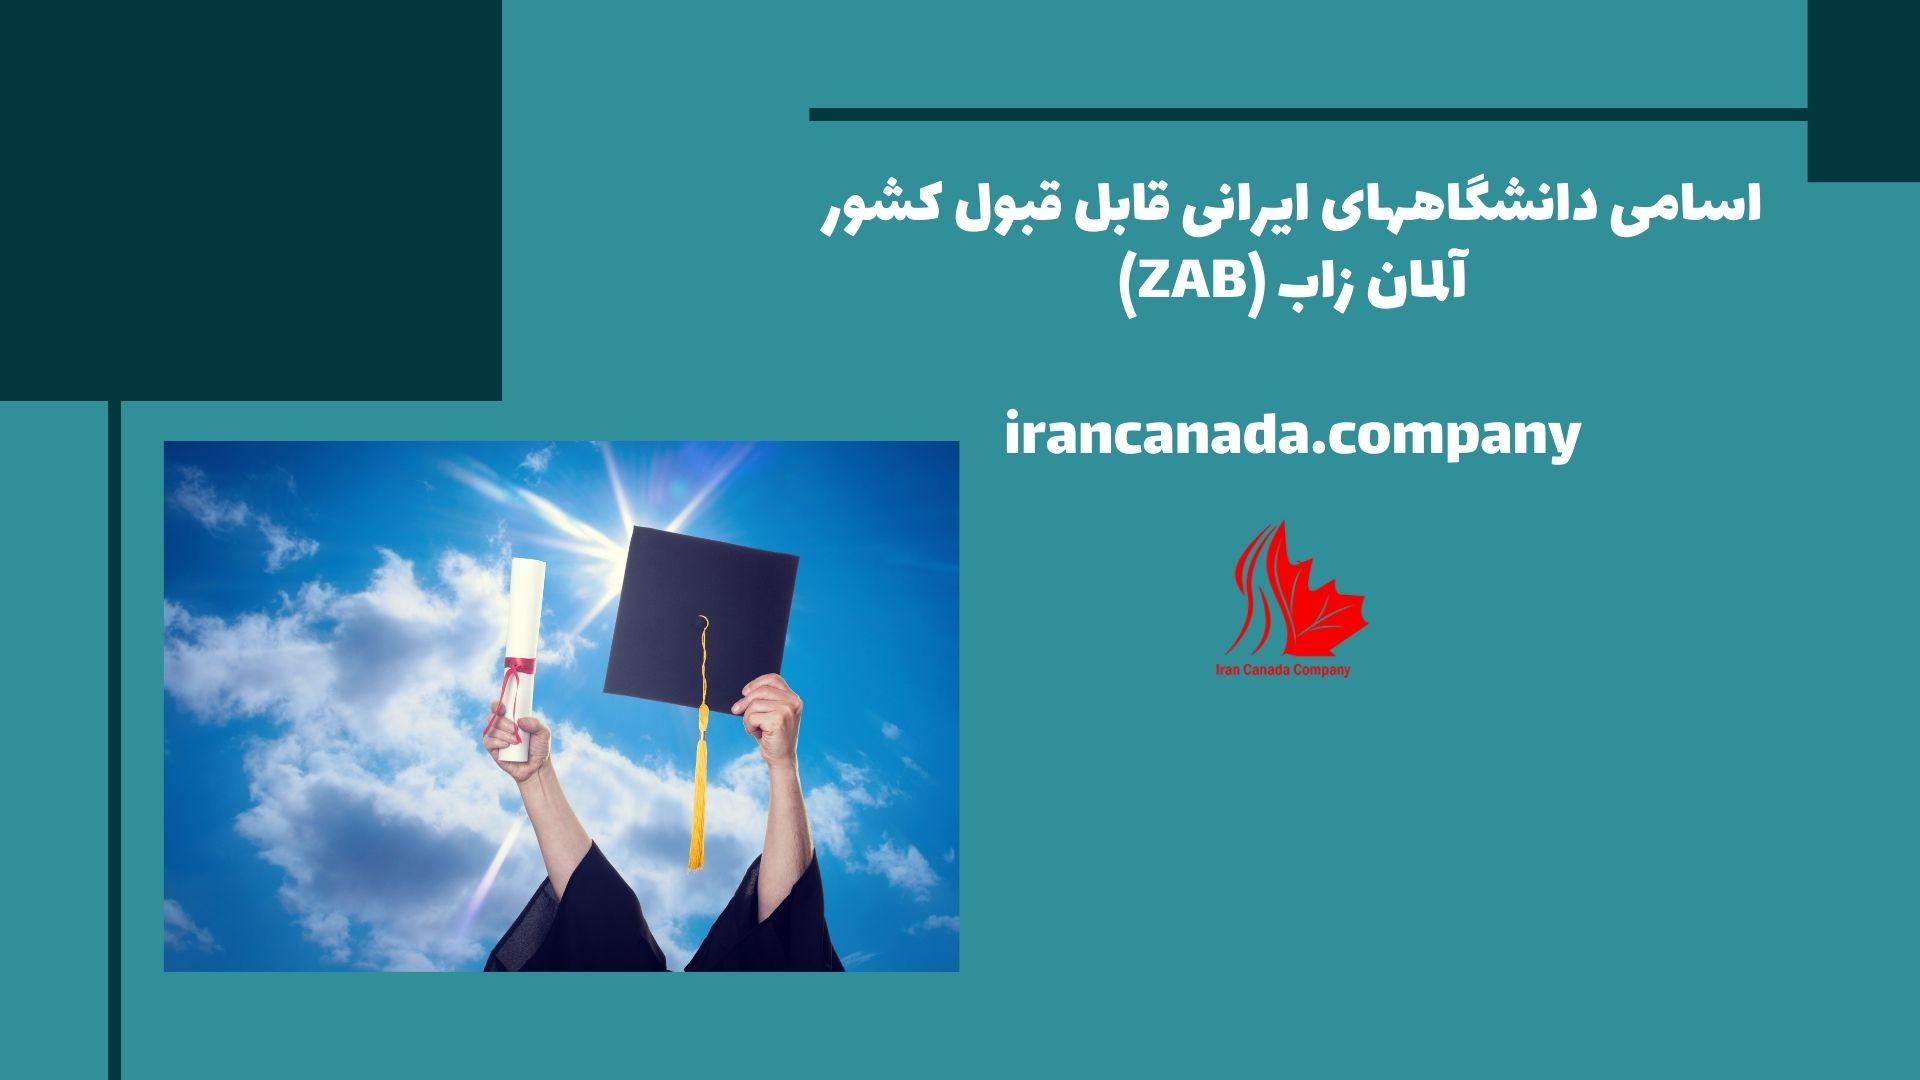 اسامی دانشگاه های ایرانی قابل قبول کشور آلمان زاب (ZAB)